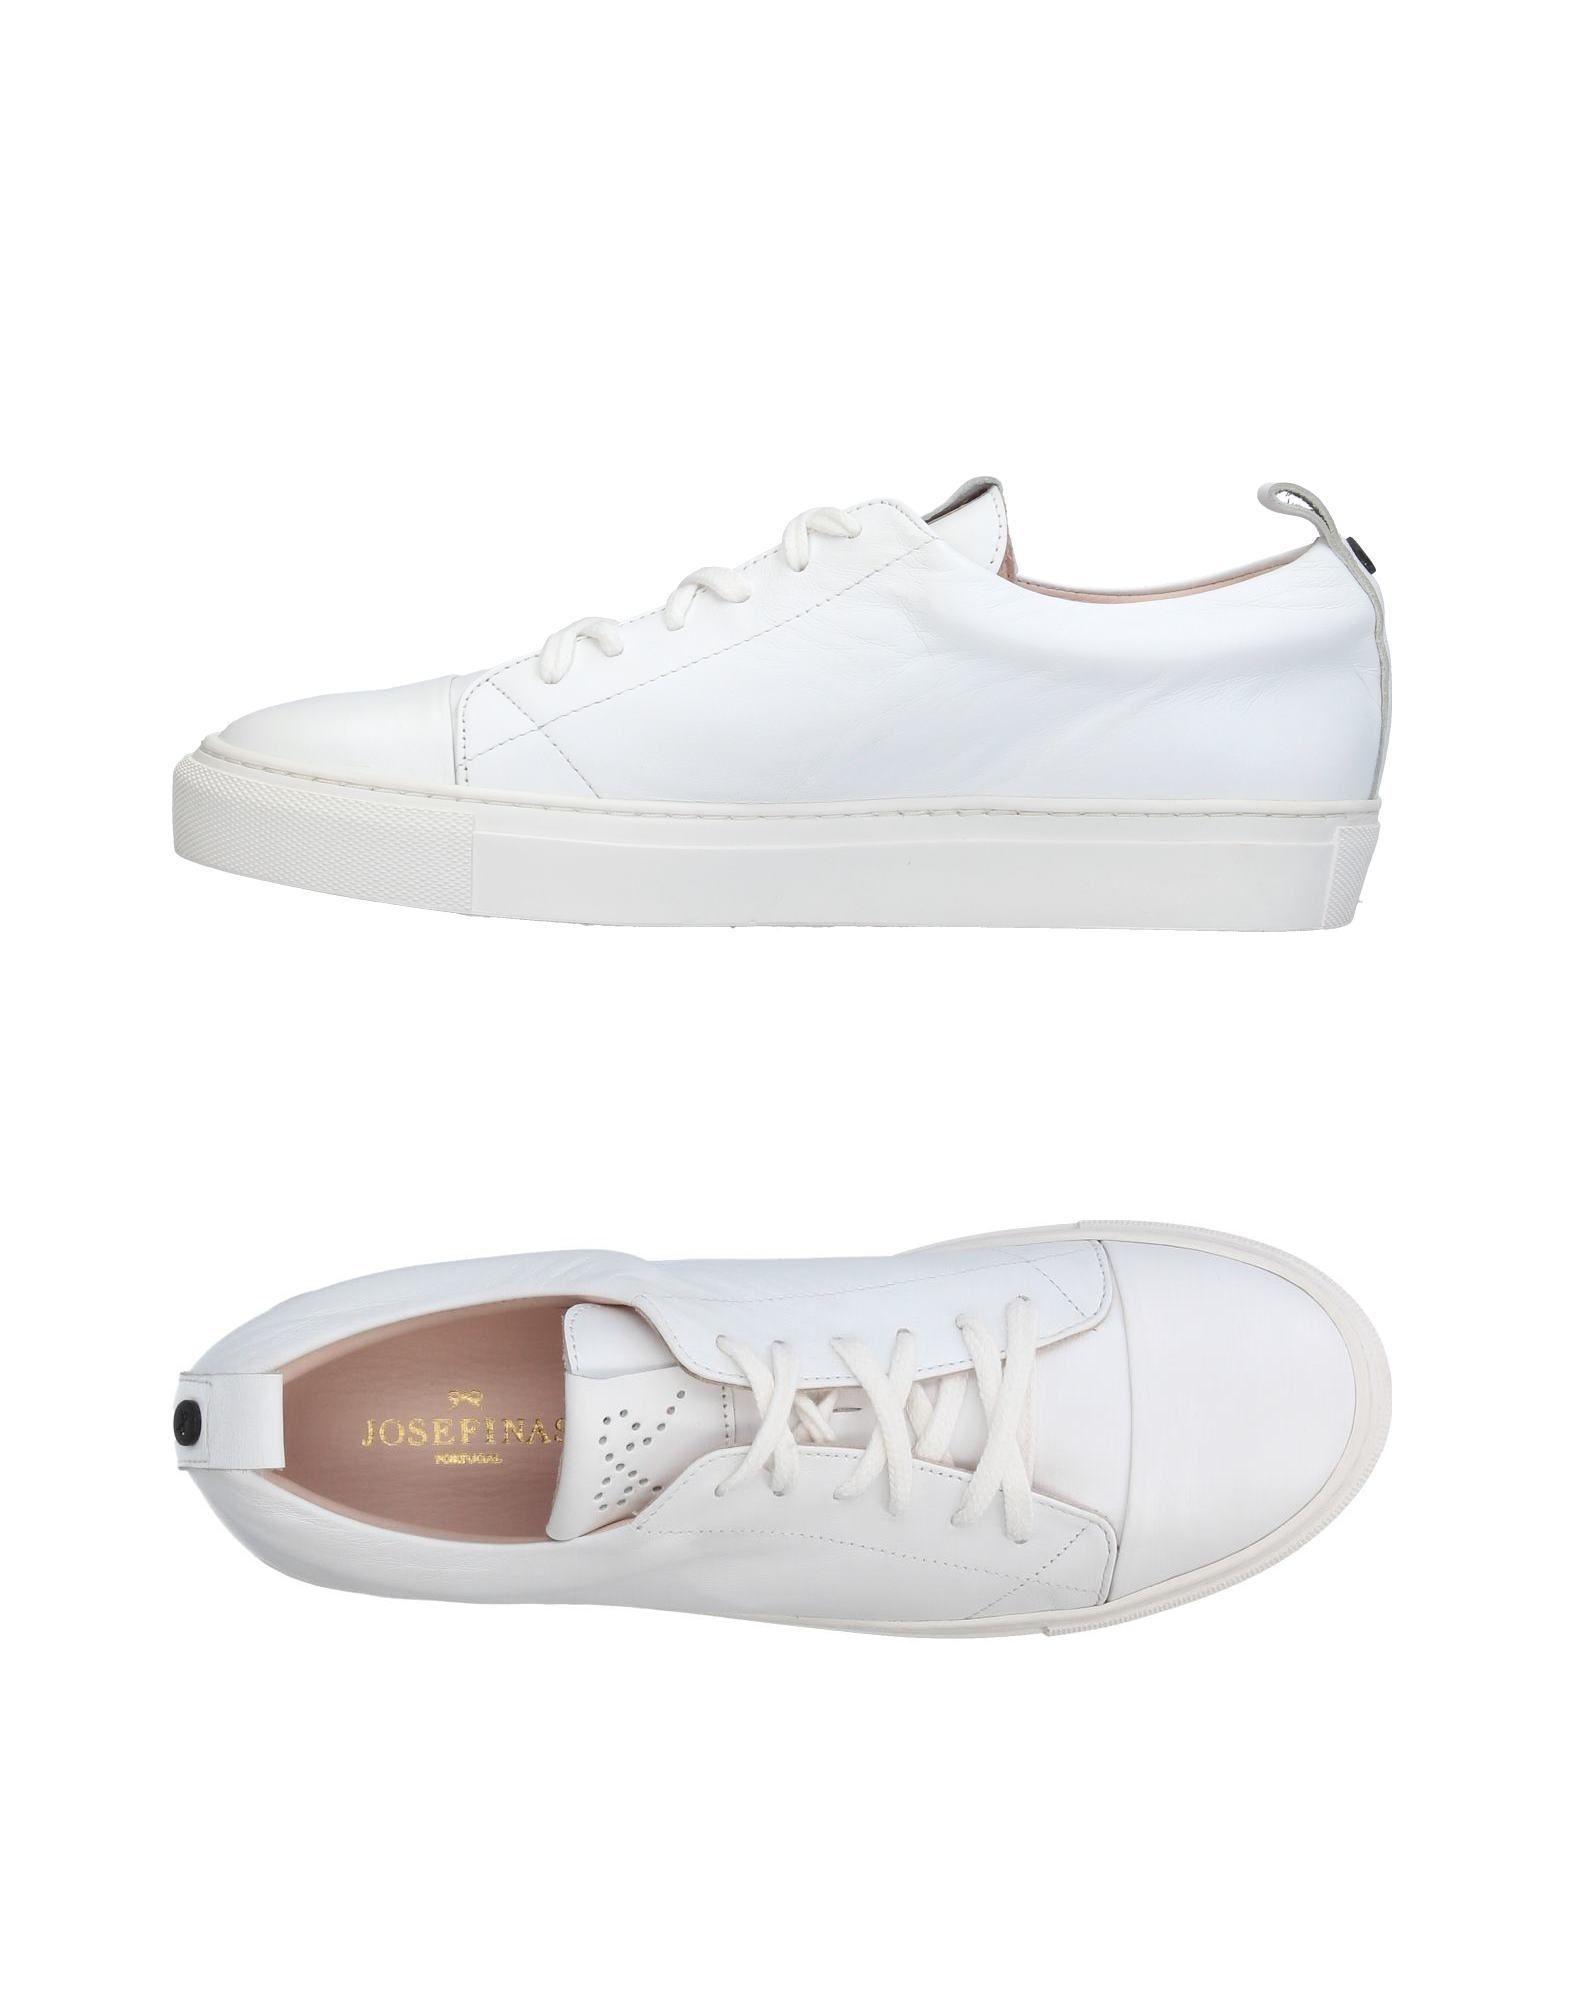 Josefinas Sneakers Damen  11397141OF Gute Qualität beliebte Schuhe